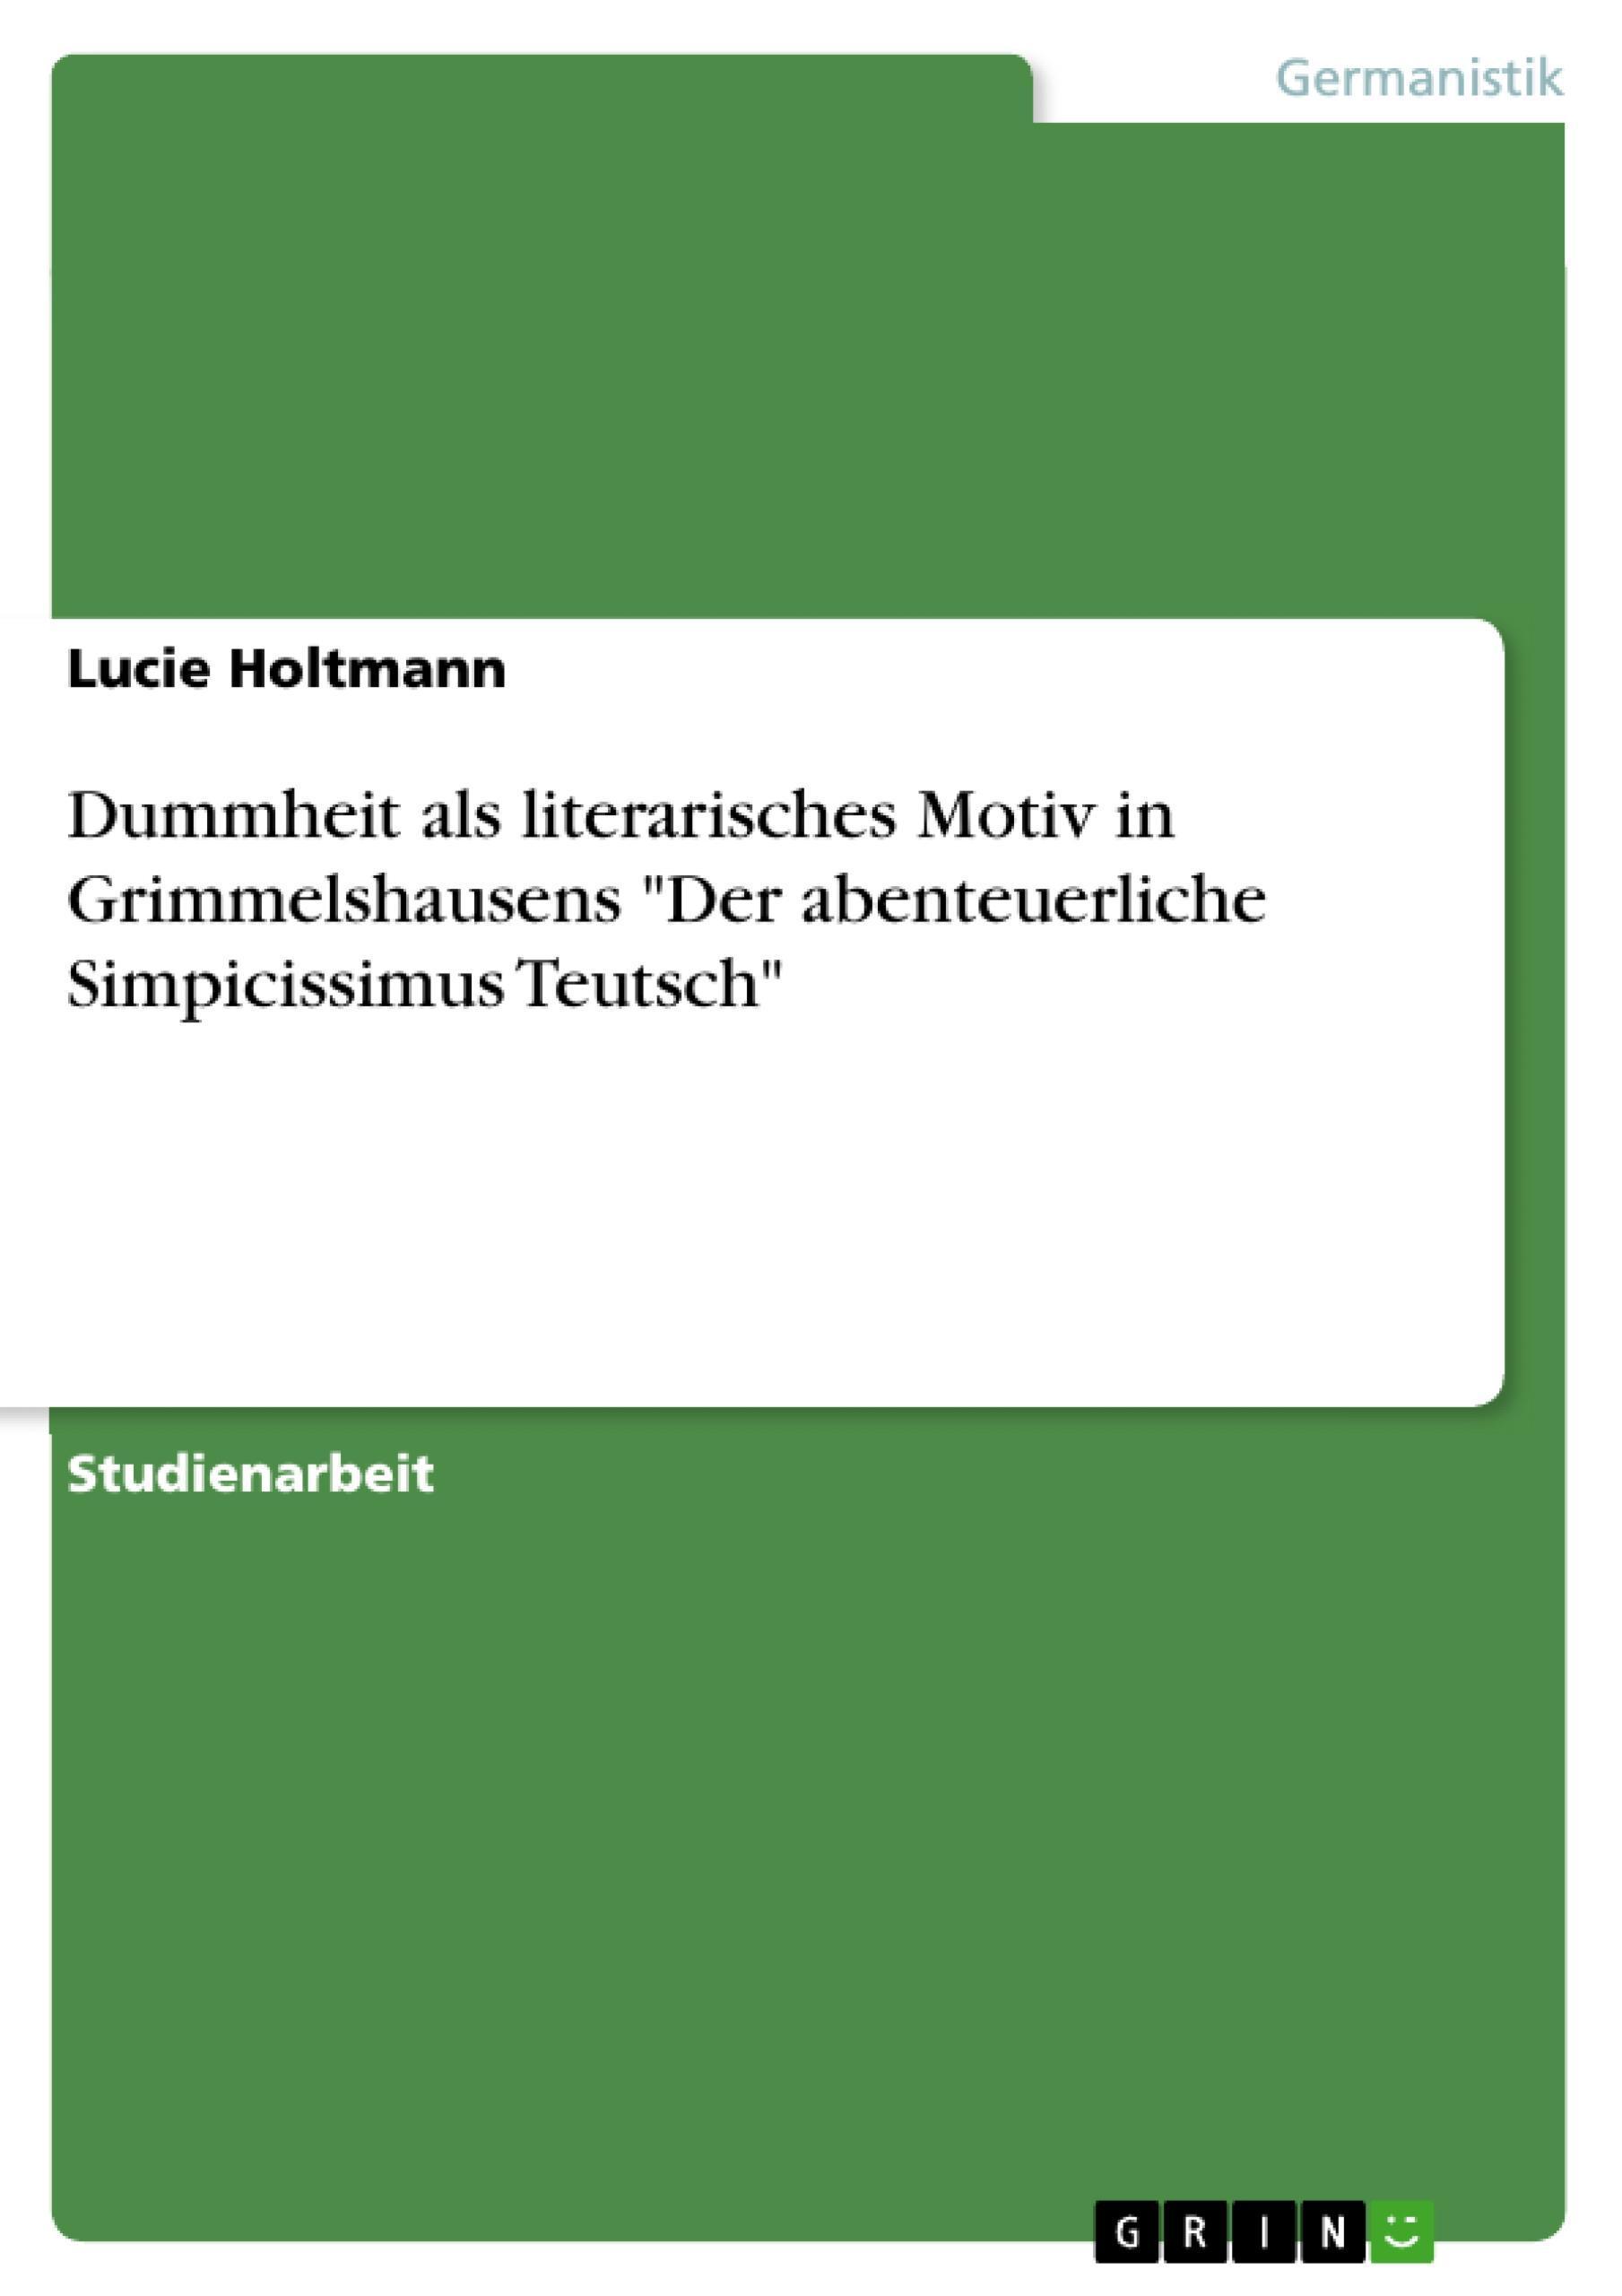 """Dummheit als literarisches Motiv in Grimmelshausens """"""""Der abenteuerliche Si ..."""